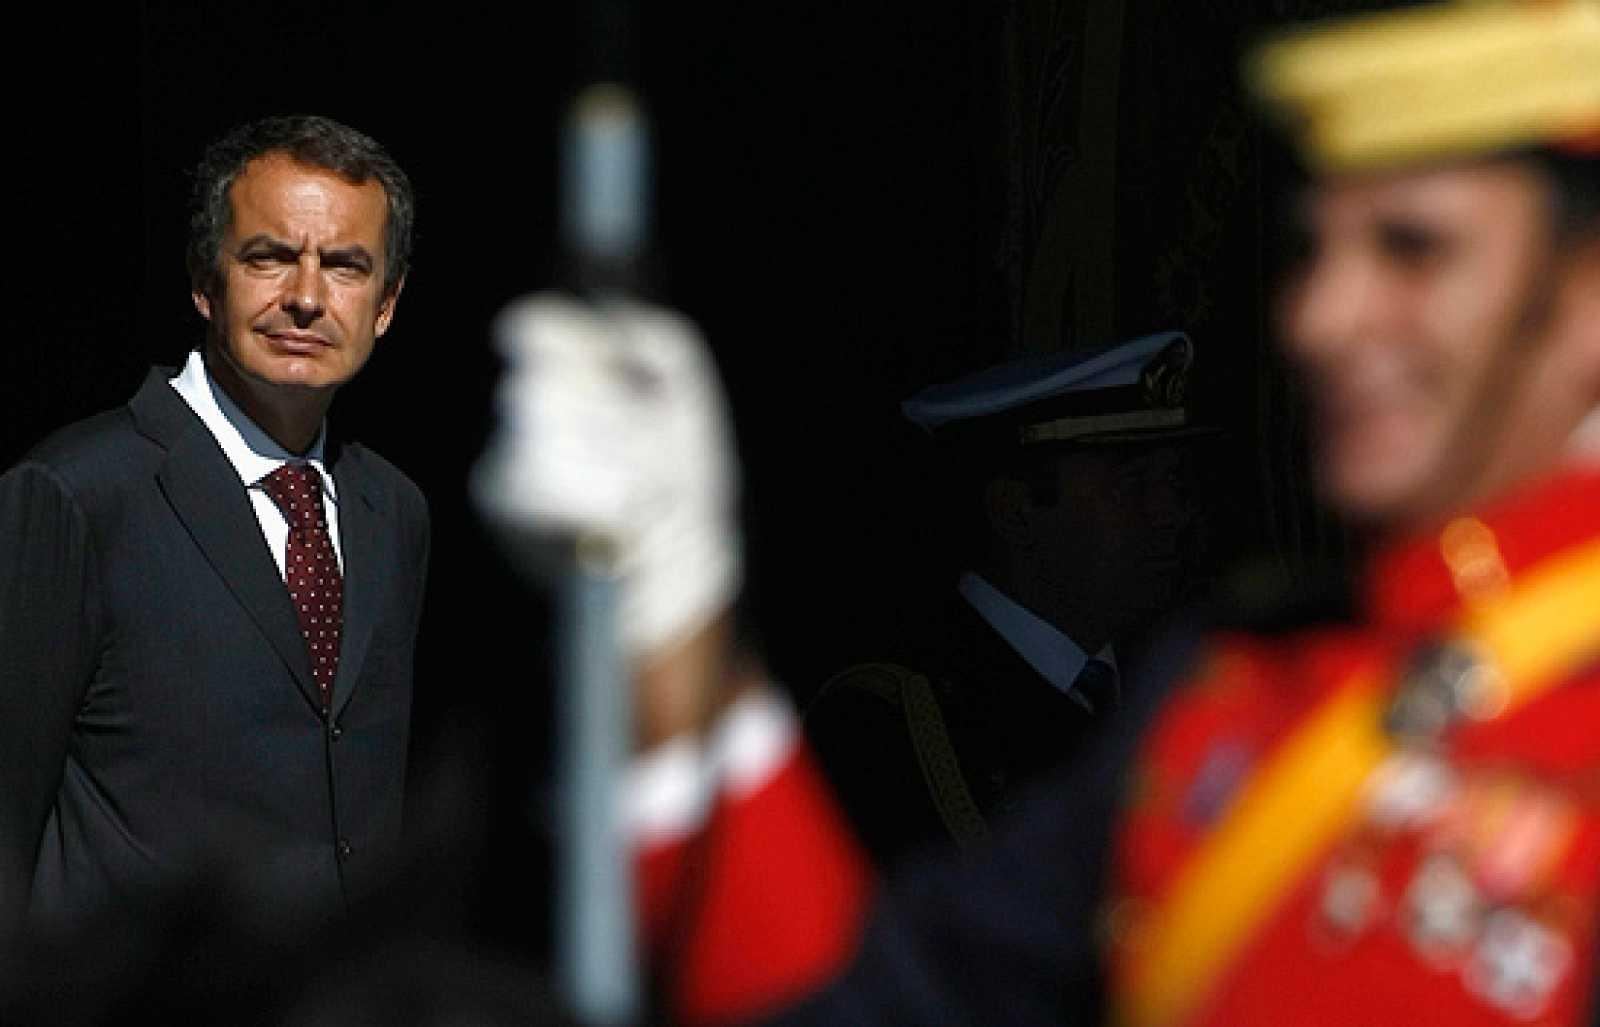 """Durante los actos de la celebración de la Fiesta Nacional, se han escuchado gritos en contra de Rodríguez Zapatero, quien ha asegurado en un corrillo junto a Ruiz Gallardón, Esperanza Aguirre y Carme Chacón que """"ya forman parte del rito"""". No es la pr"""